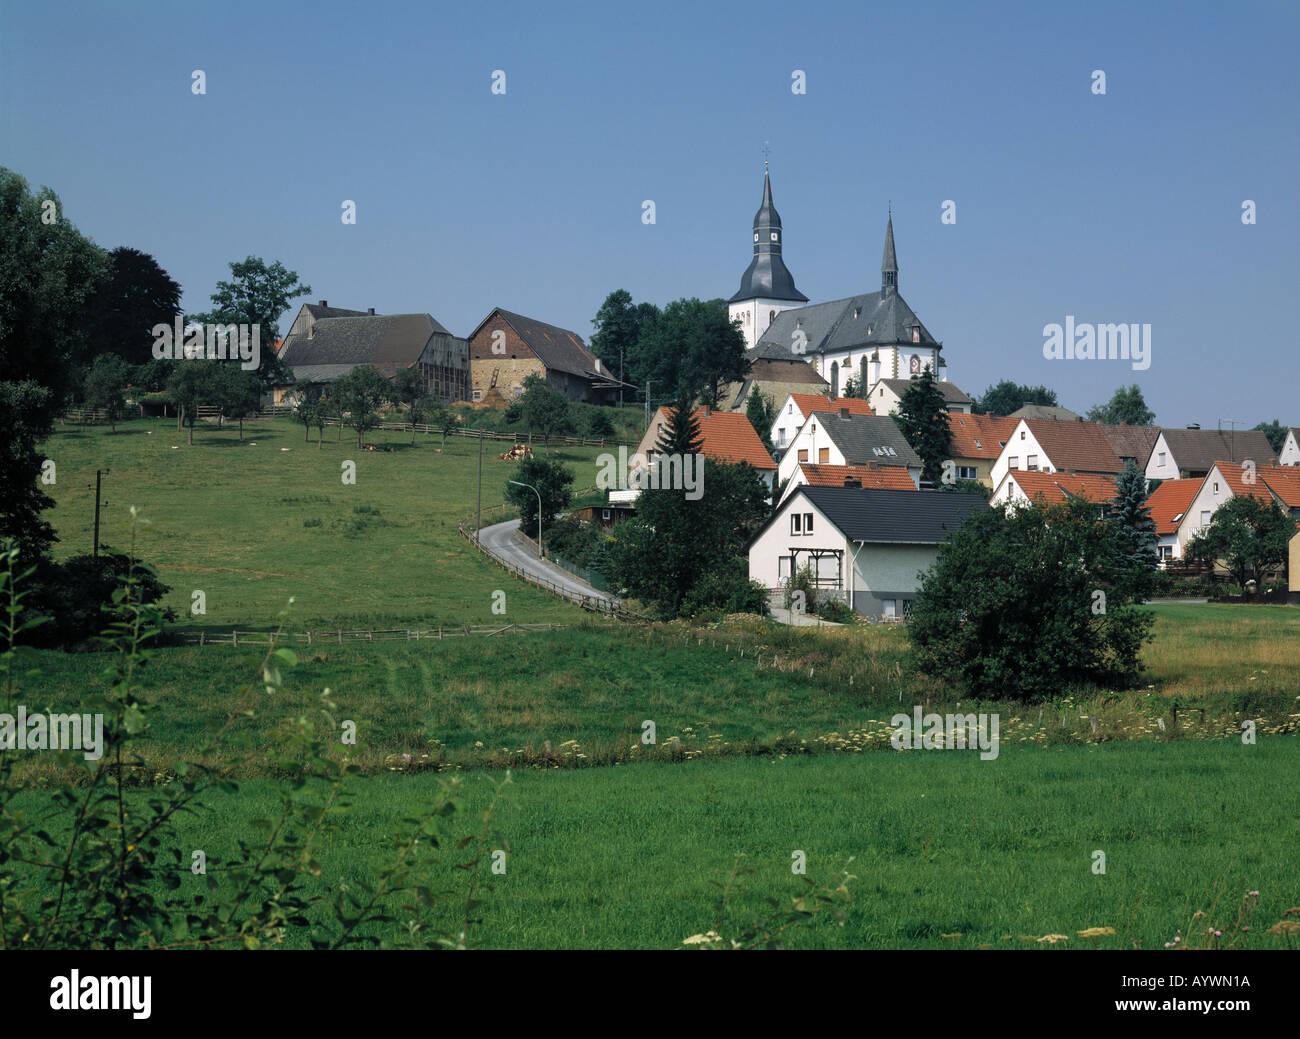 Dorf mit Kirche an einem Berghang, Wiesenlandschaft, Ruethen-Altenruethen, Naturpark Arnsberger Wald, Sauerland, Stock Photo